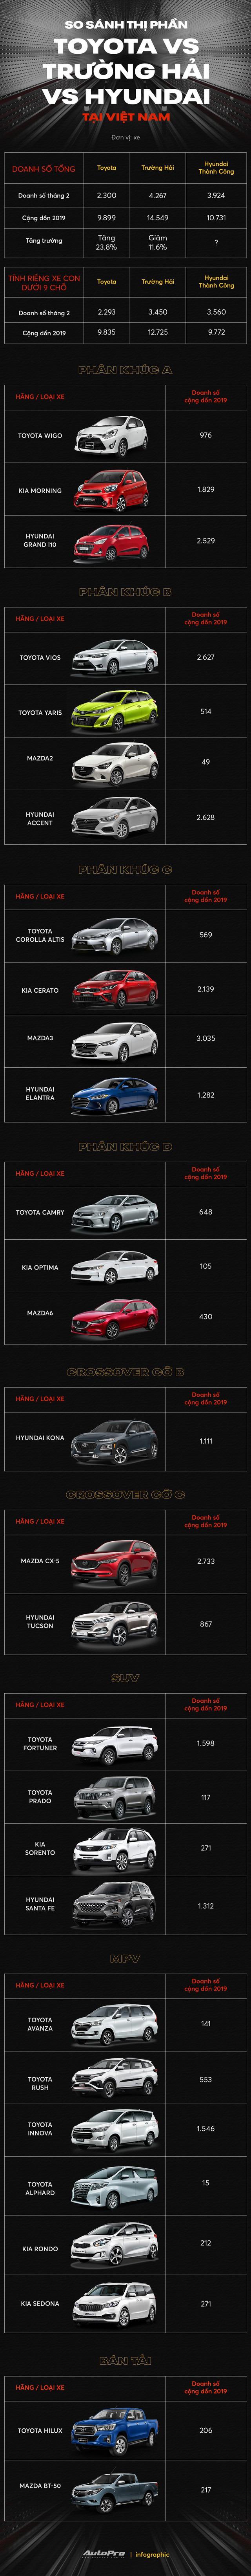 Hyundai bán vượt THACO, Toyota: Từ chỗ bị chê về chất lượng, xe Hàn lên ngôi át vía xe Nhật - Ảnh 1.